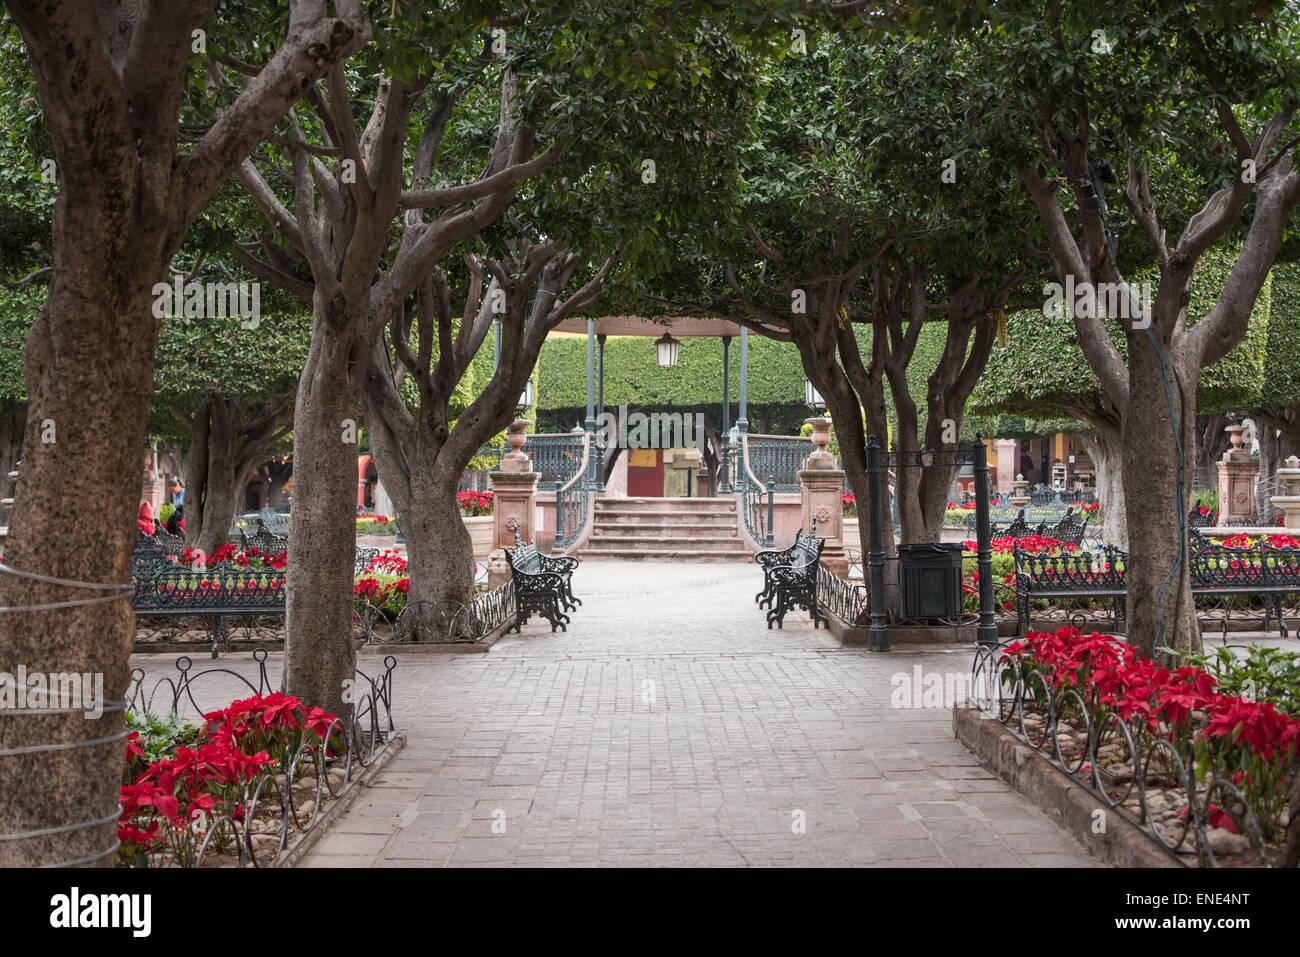 El jardin benches and garden in san miguel de allende for Jardin san miguel de allende